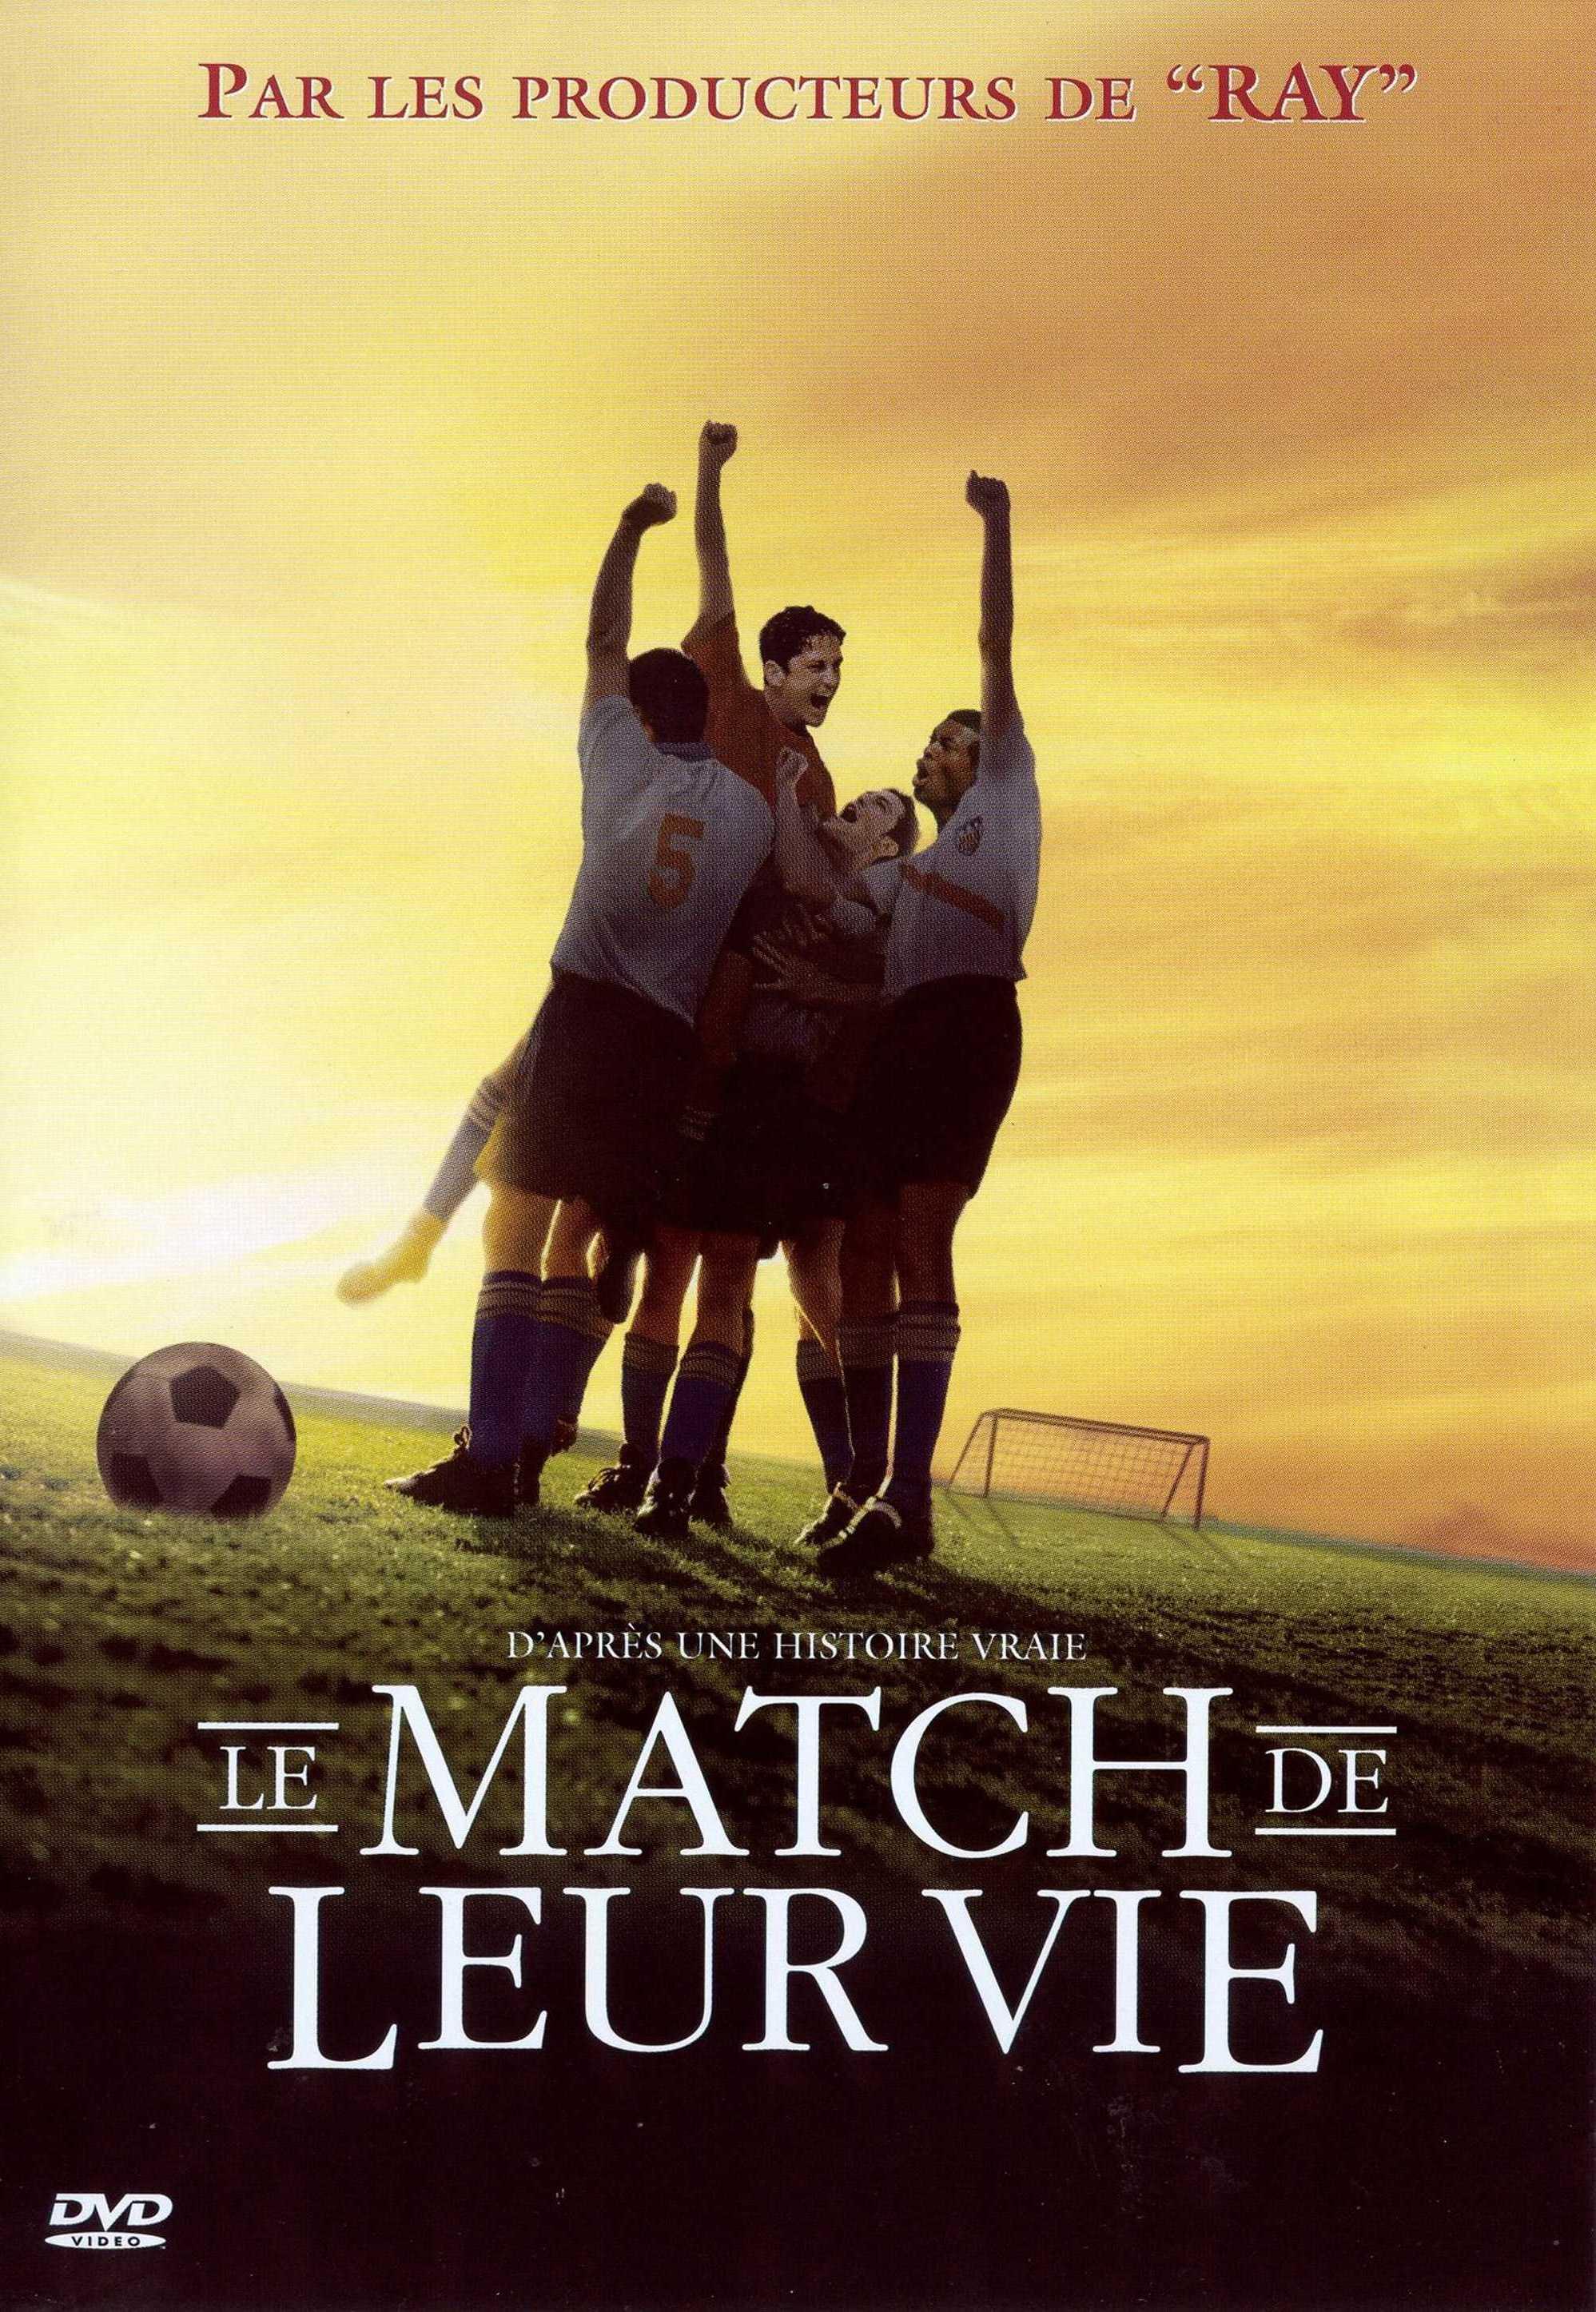 affiche du film Le match de leur vie